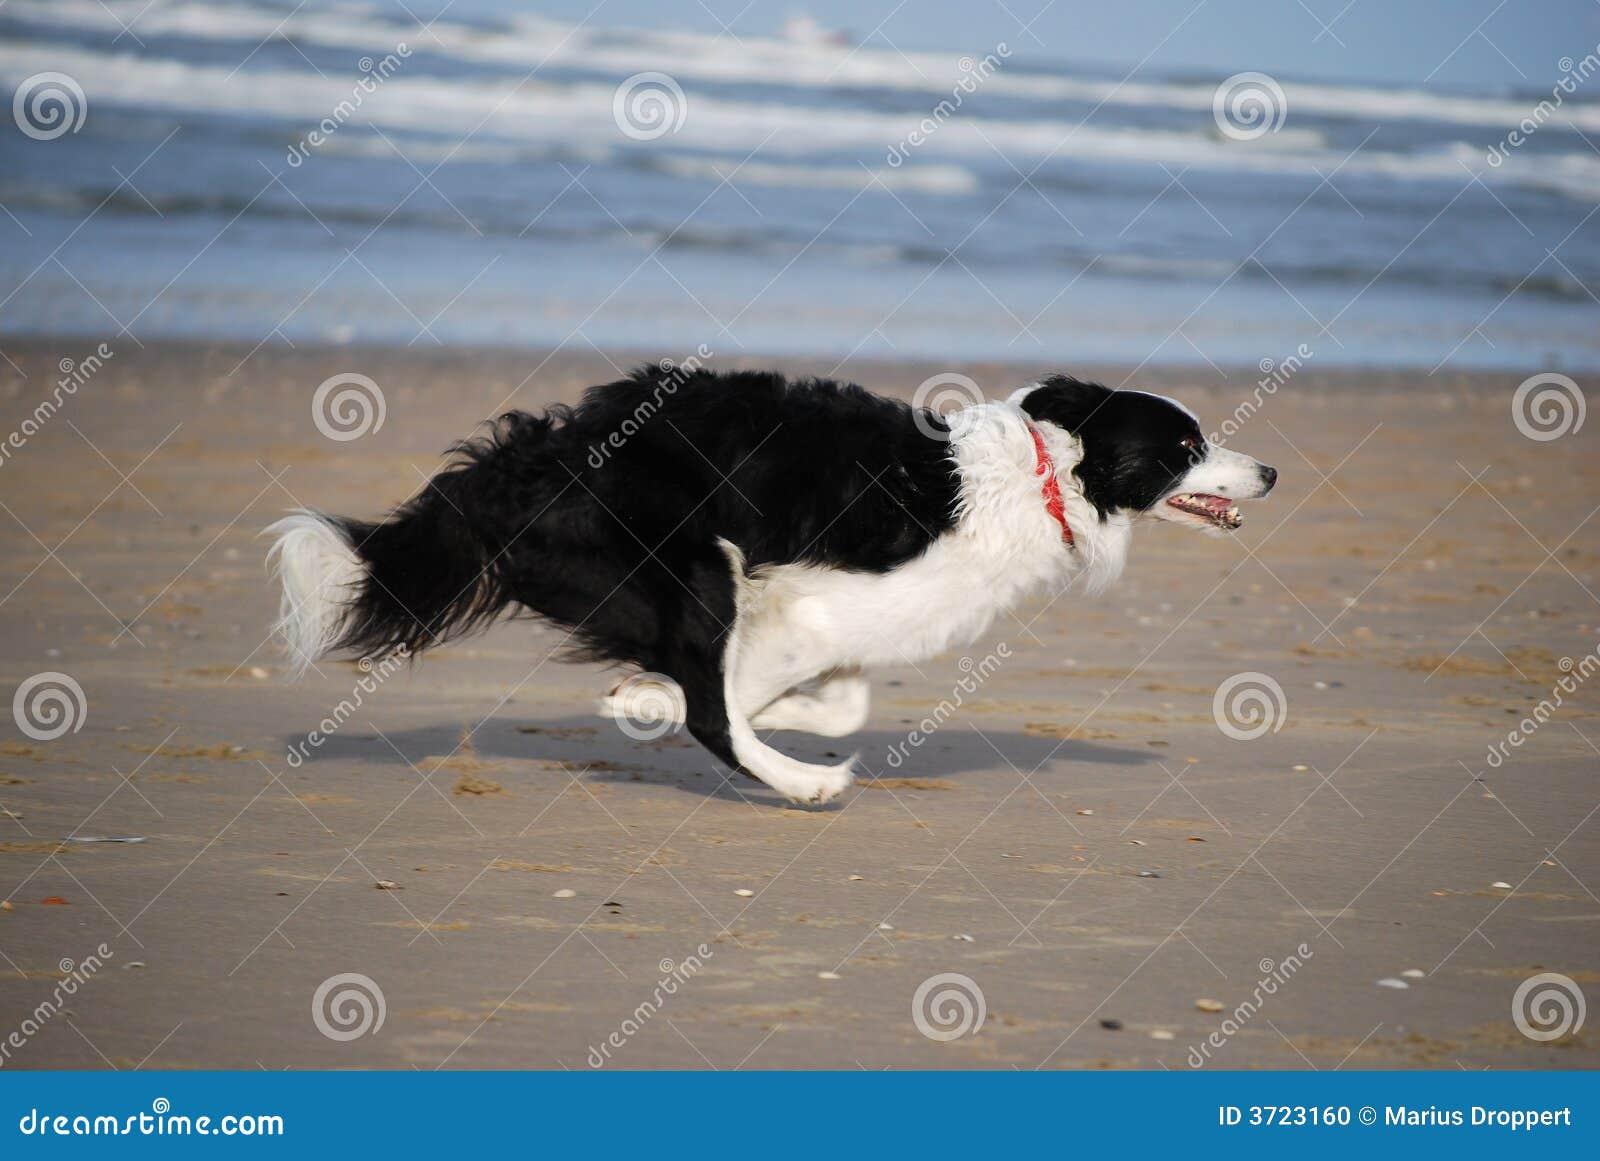 Dog snabb running